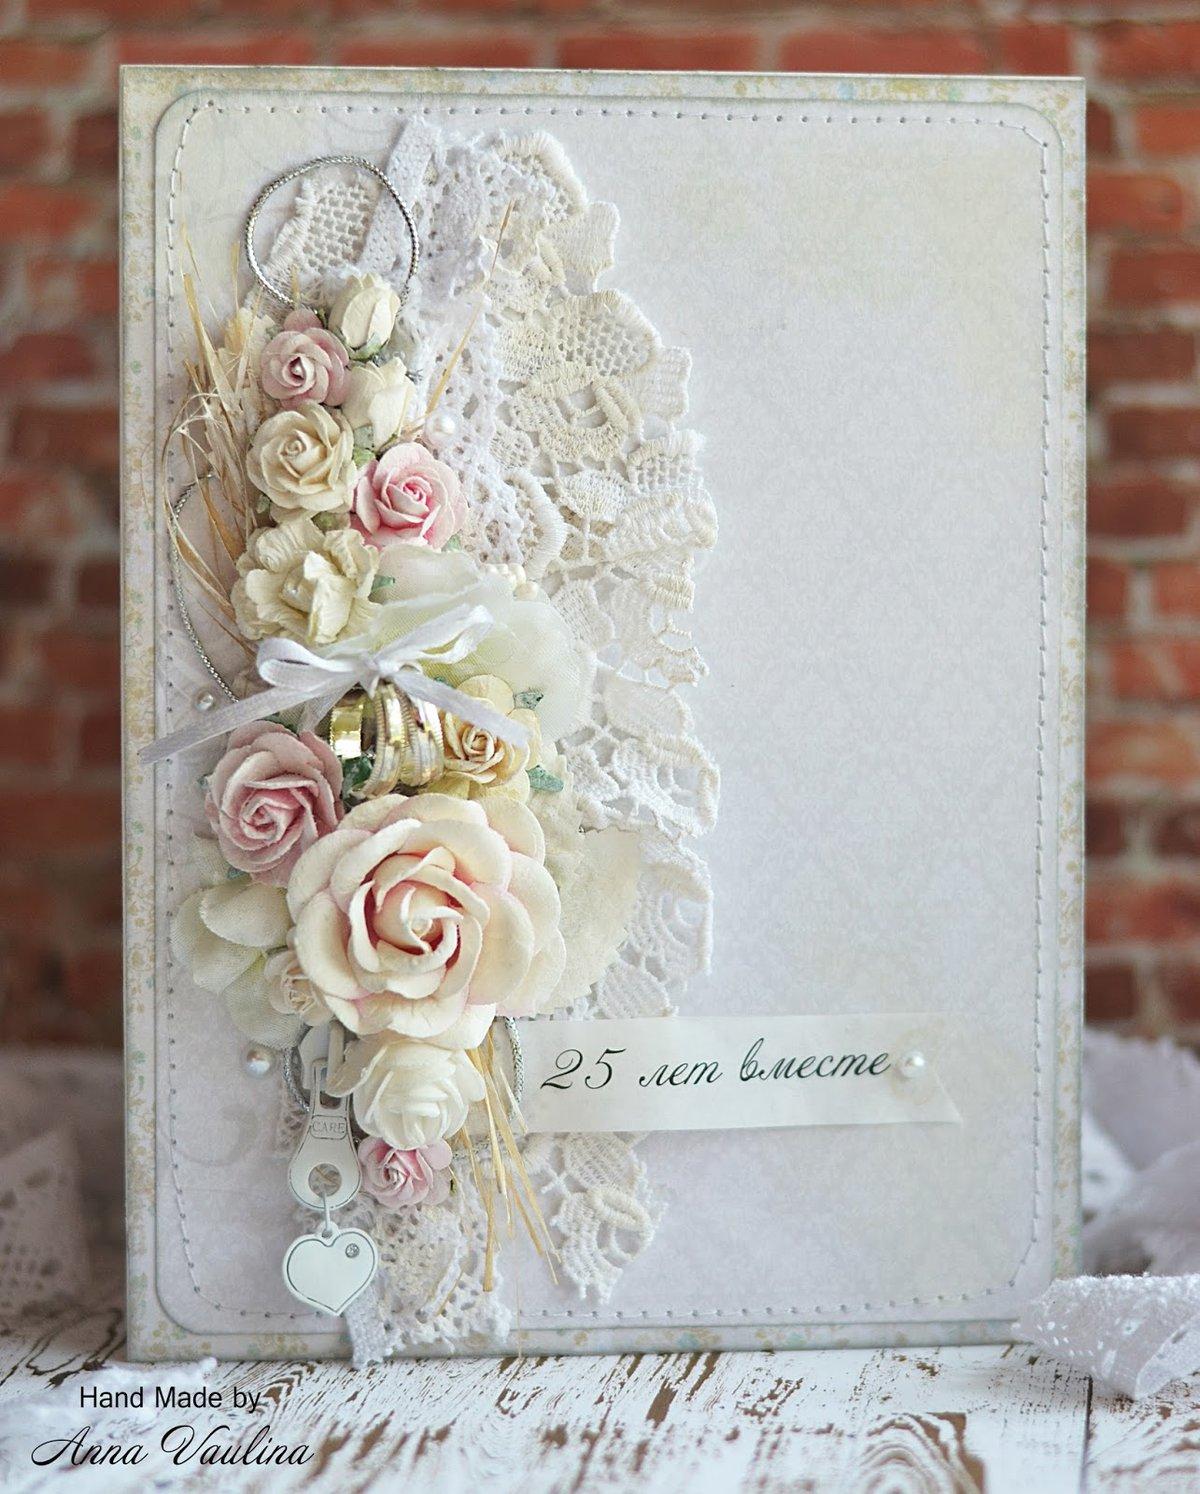 Надписью начинаем, ручные работы открыток на день свадьбы